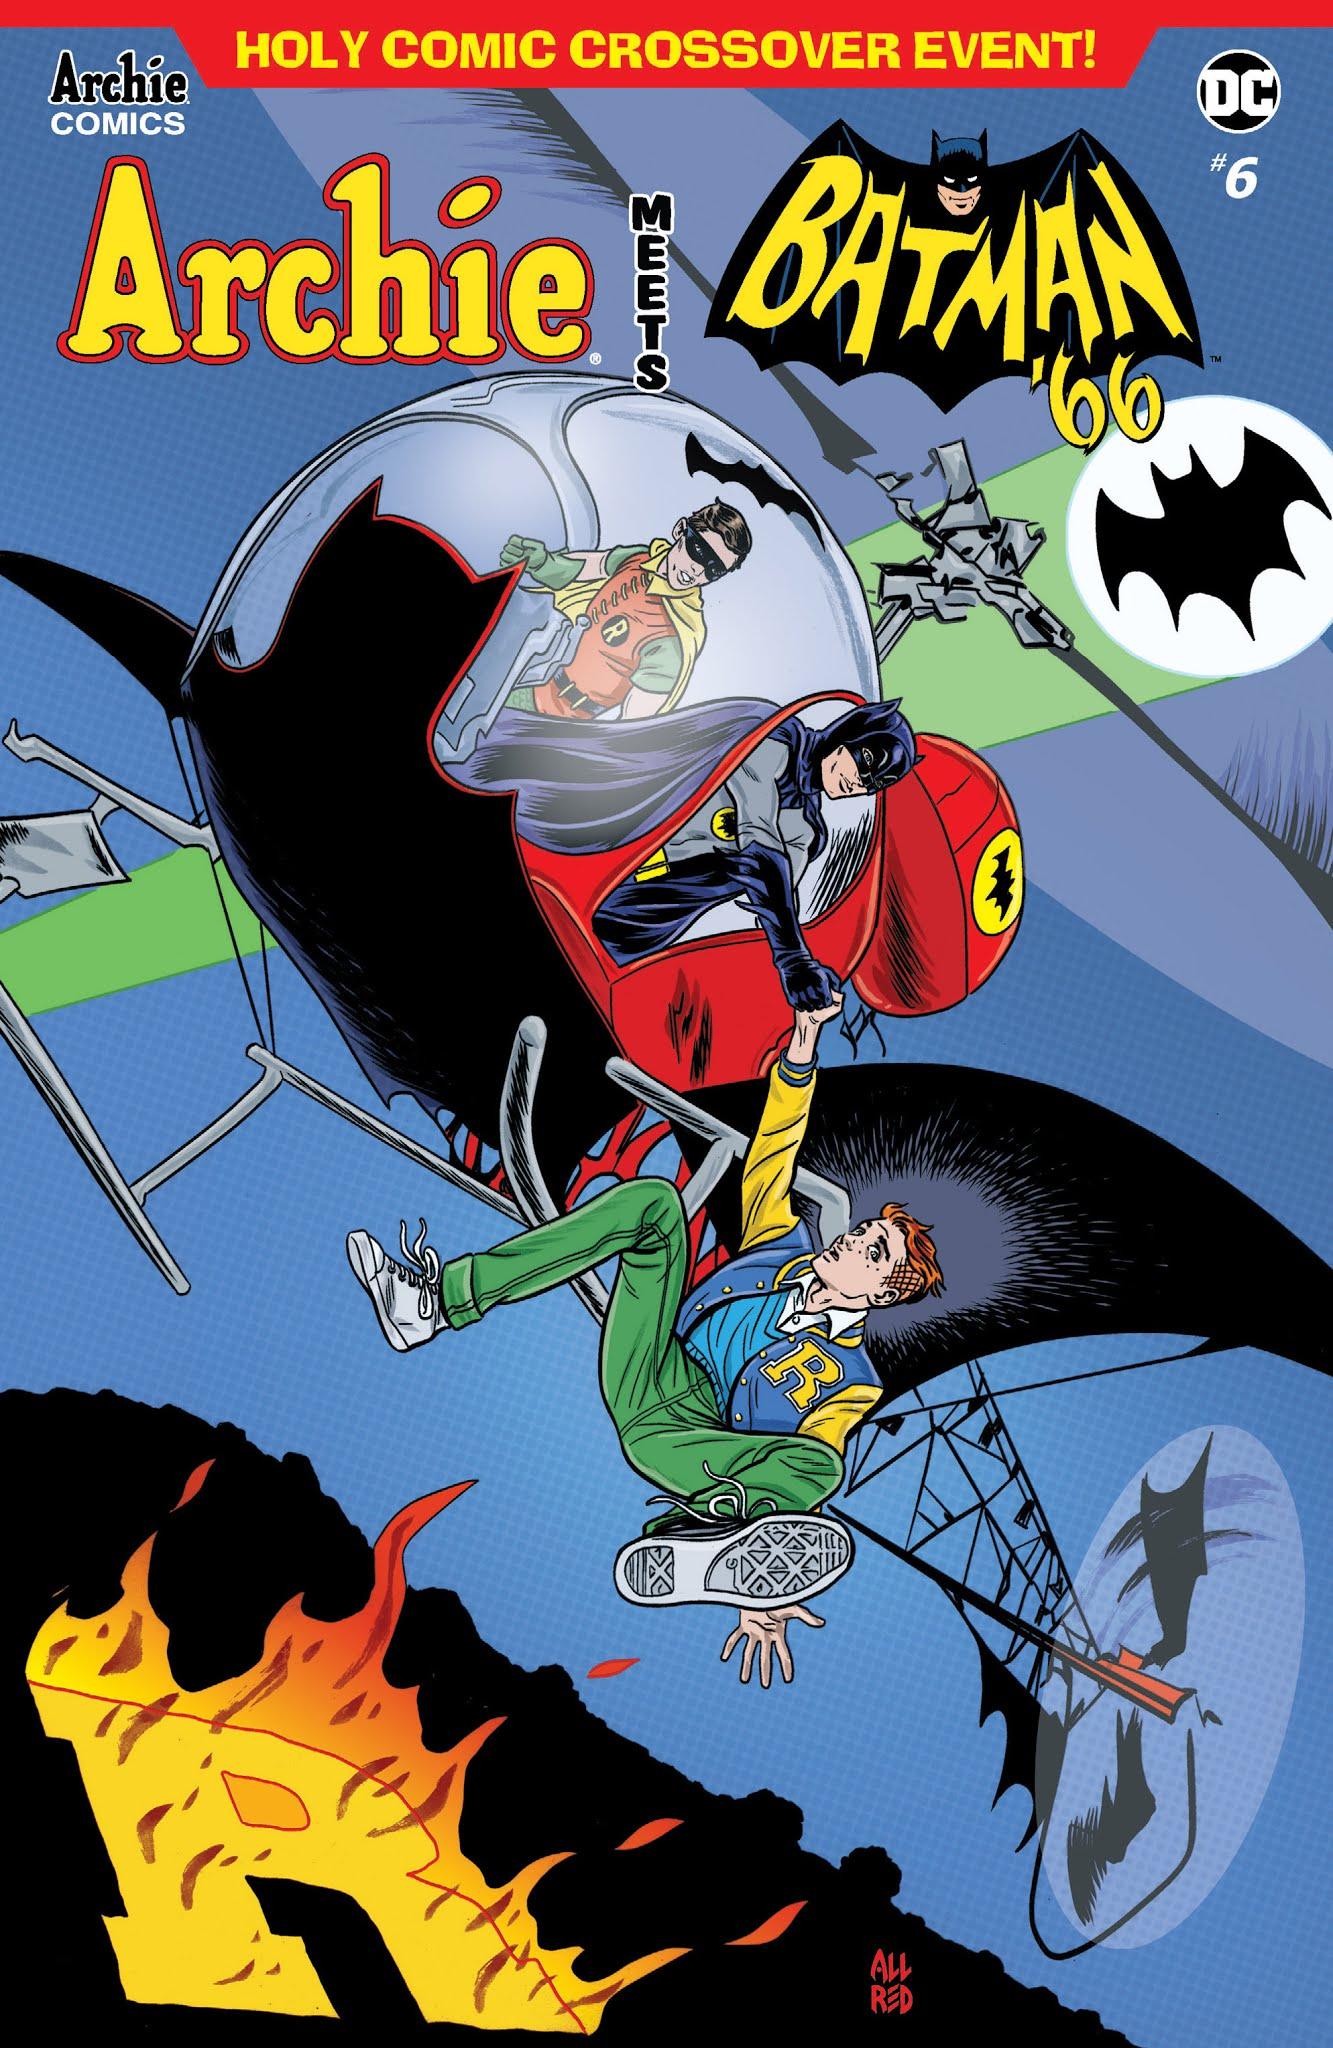 Archie Meets Batman 66 6 Page 1